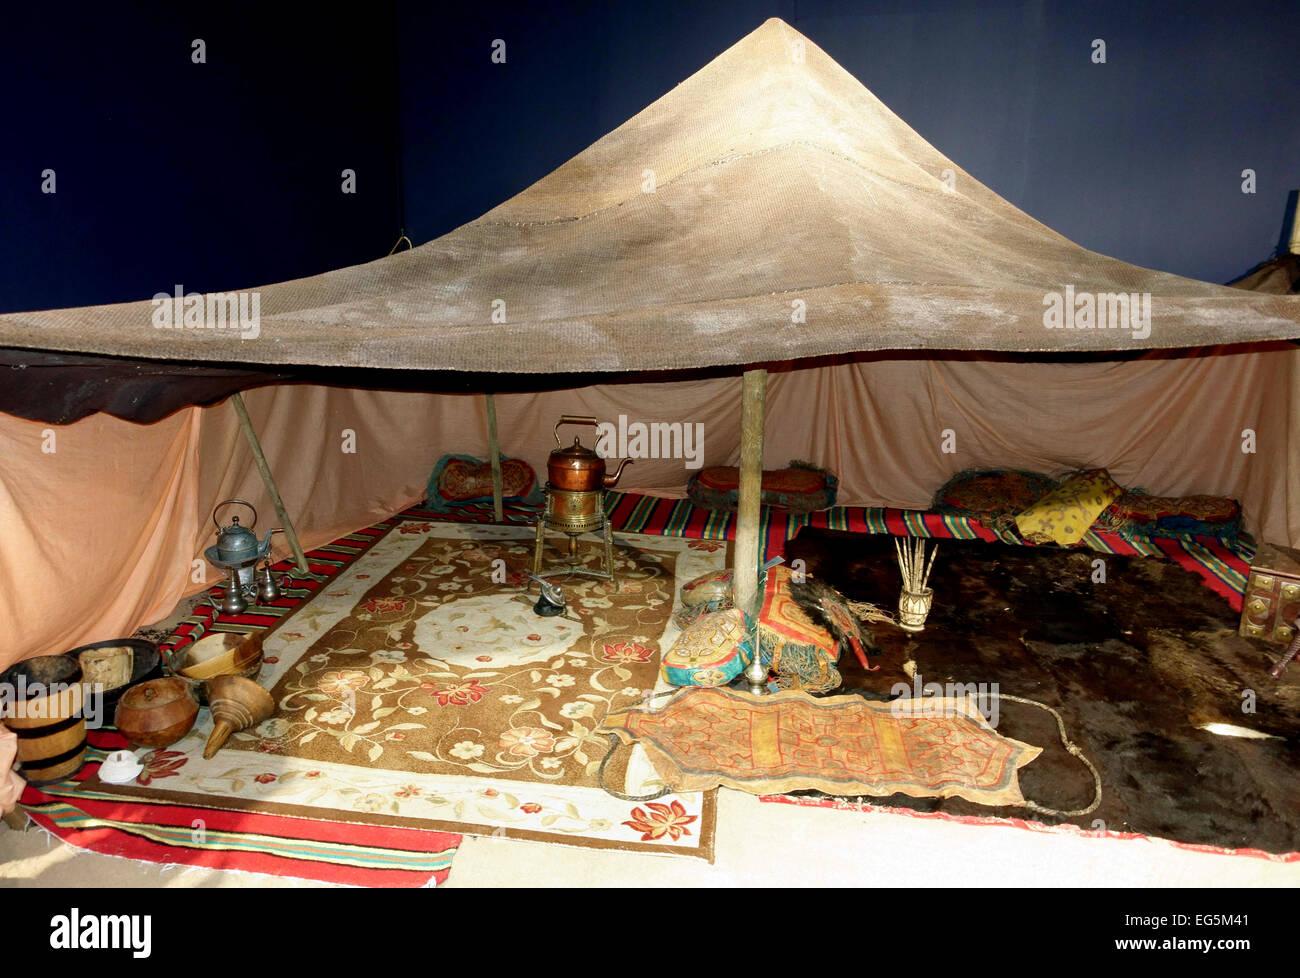 Nomadic tent from the Sahara displayed in Elder Museum, Las Palmas de Gran Canaria - Stock Image